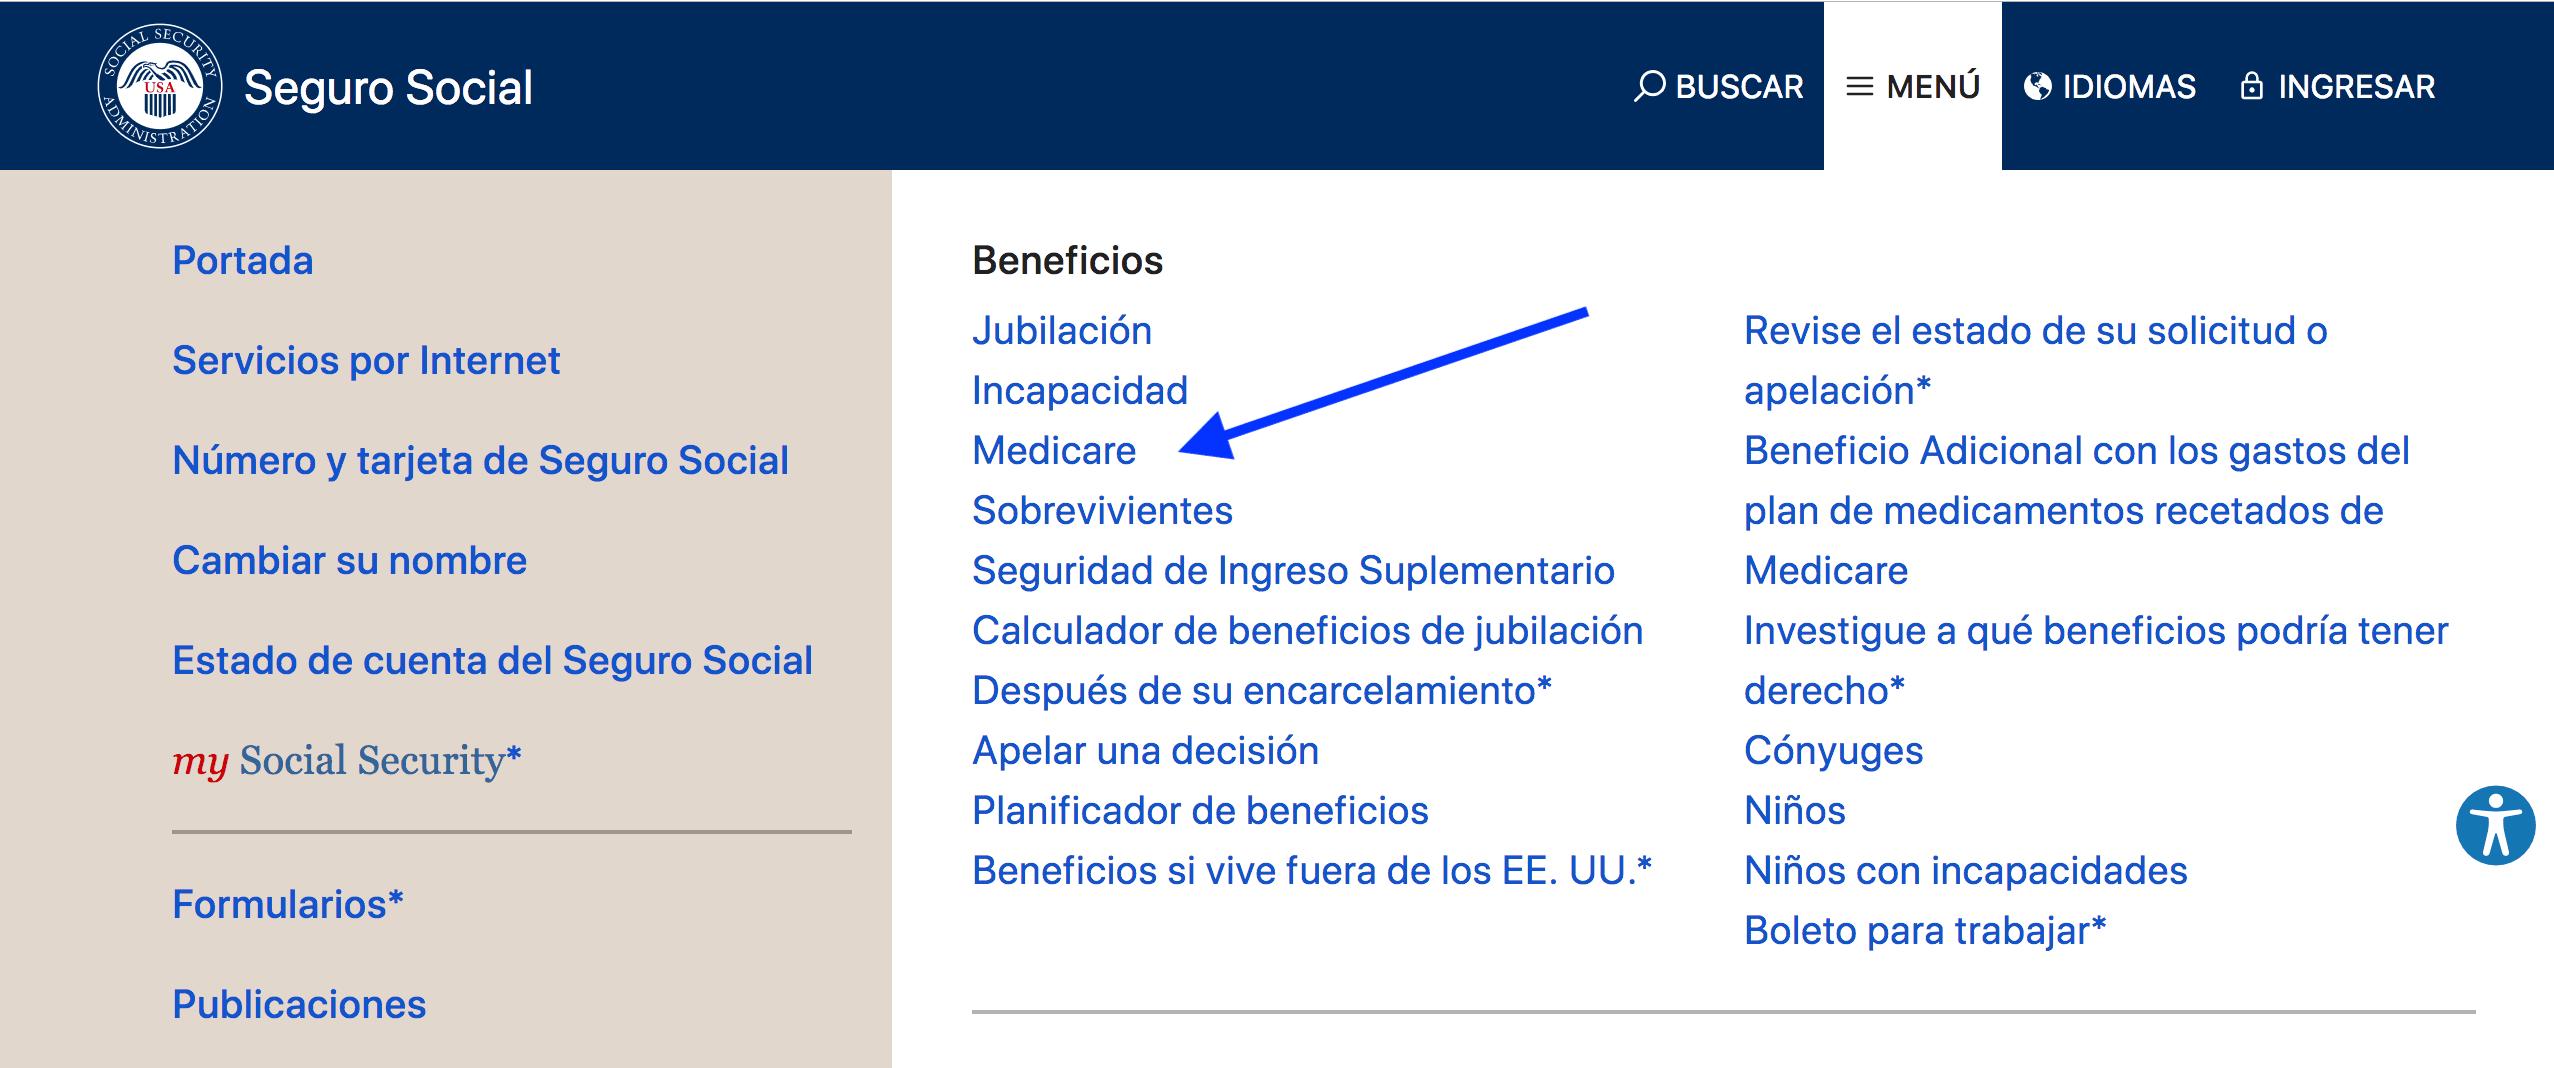 el sitio web oficial de la Administración de la Seguro Social